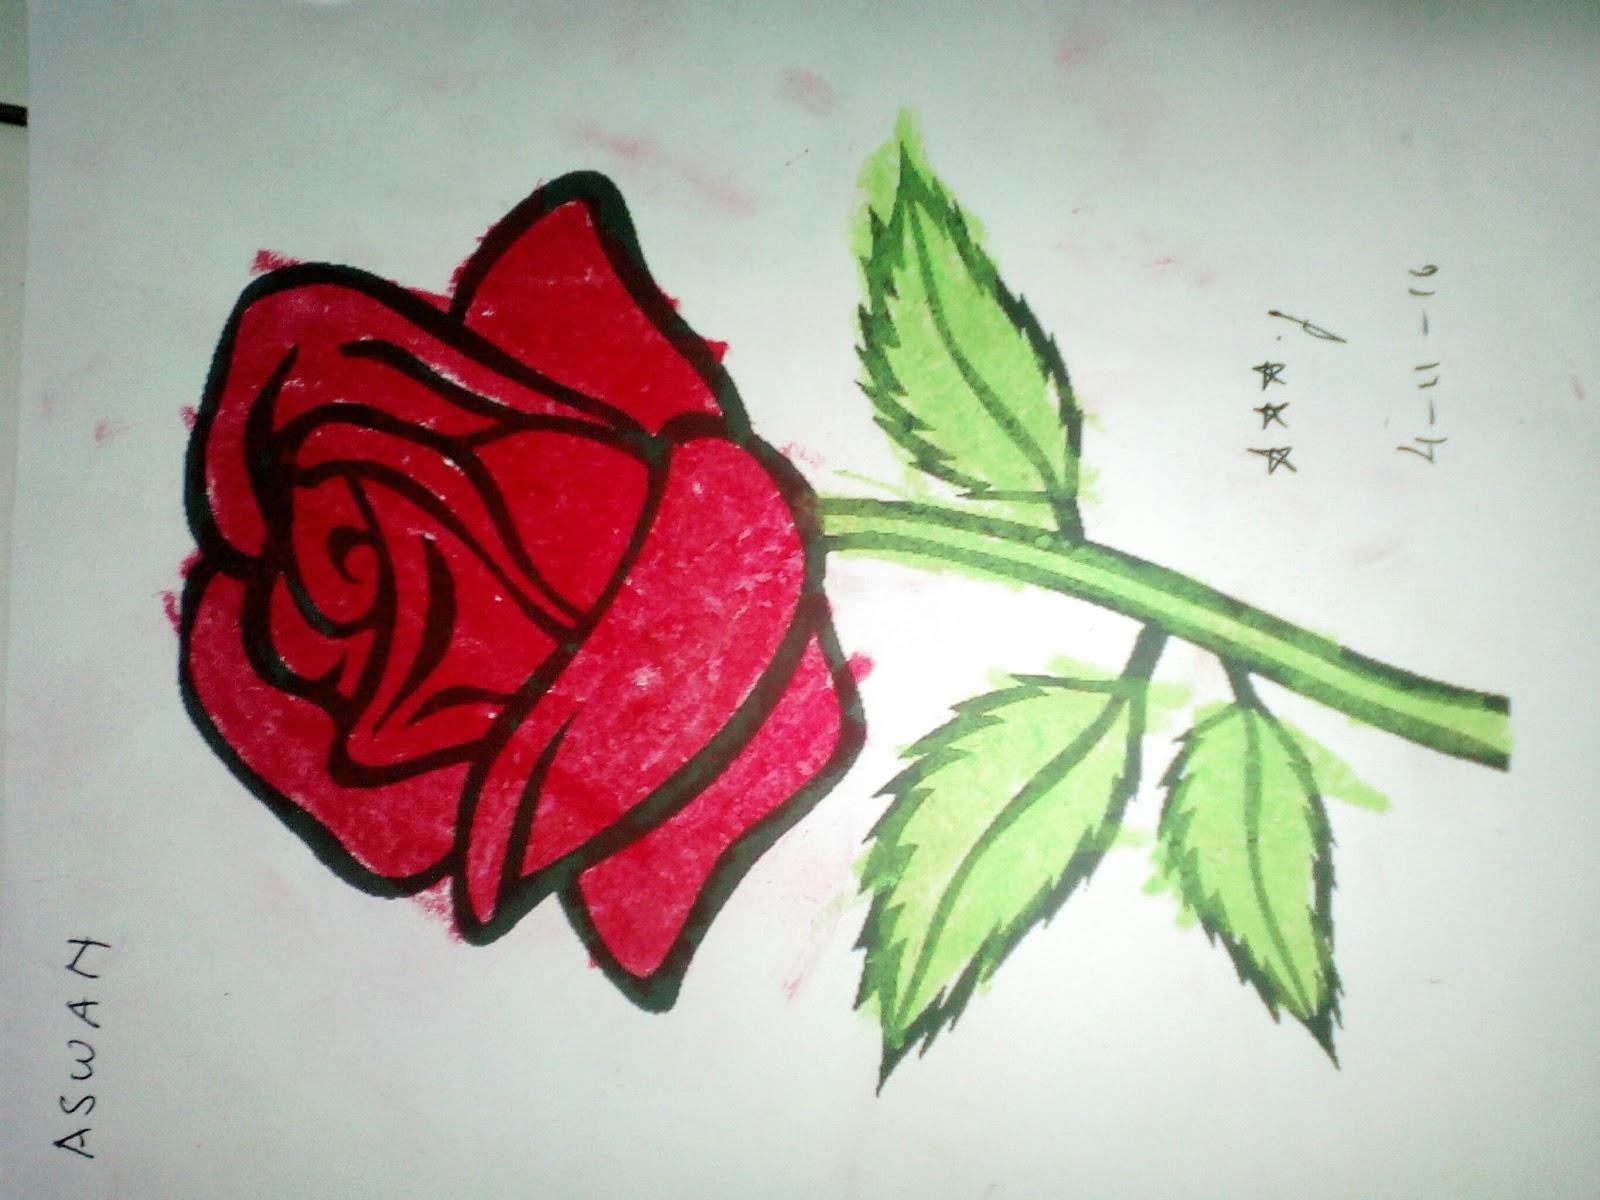 Mewarnai gambar bunga mawar Jumat 4 November 2016